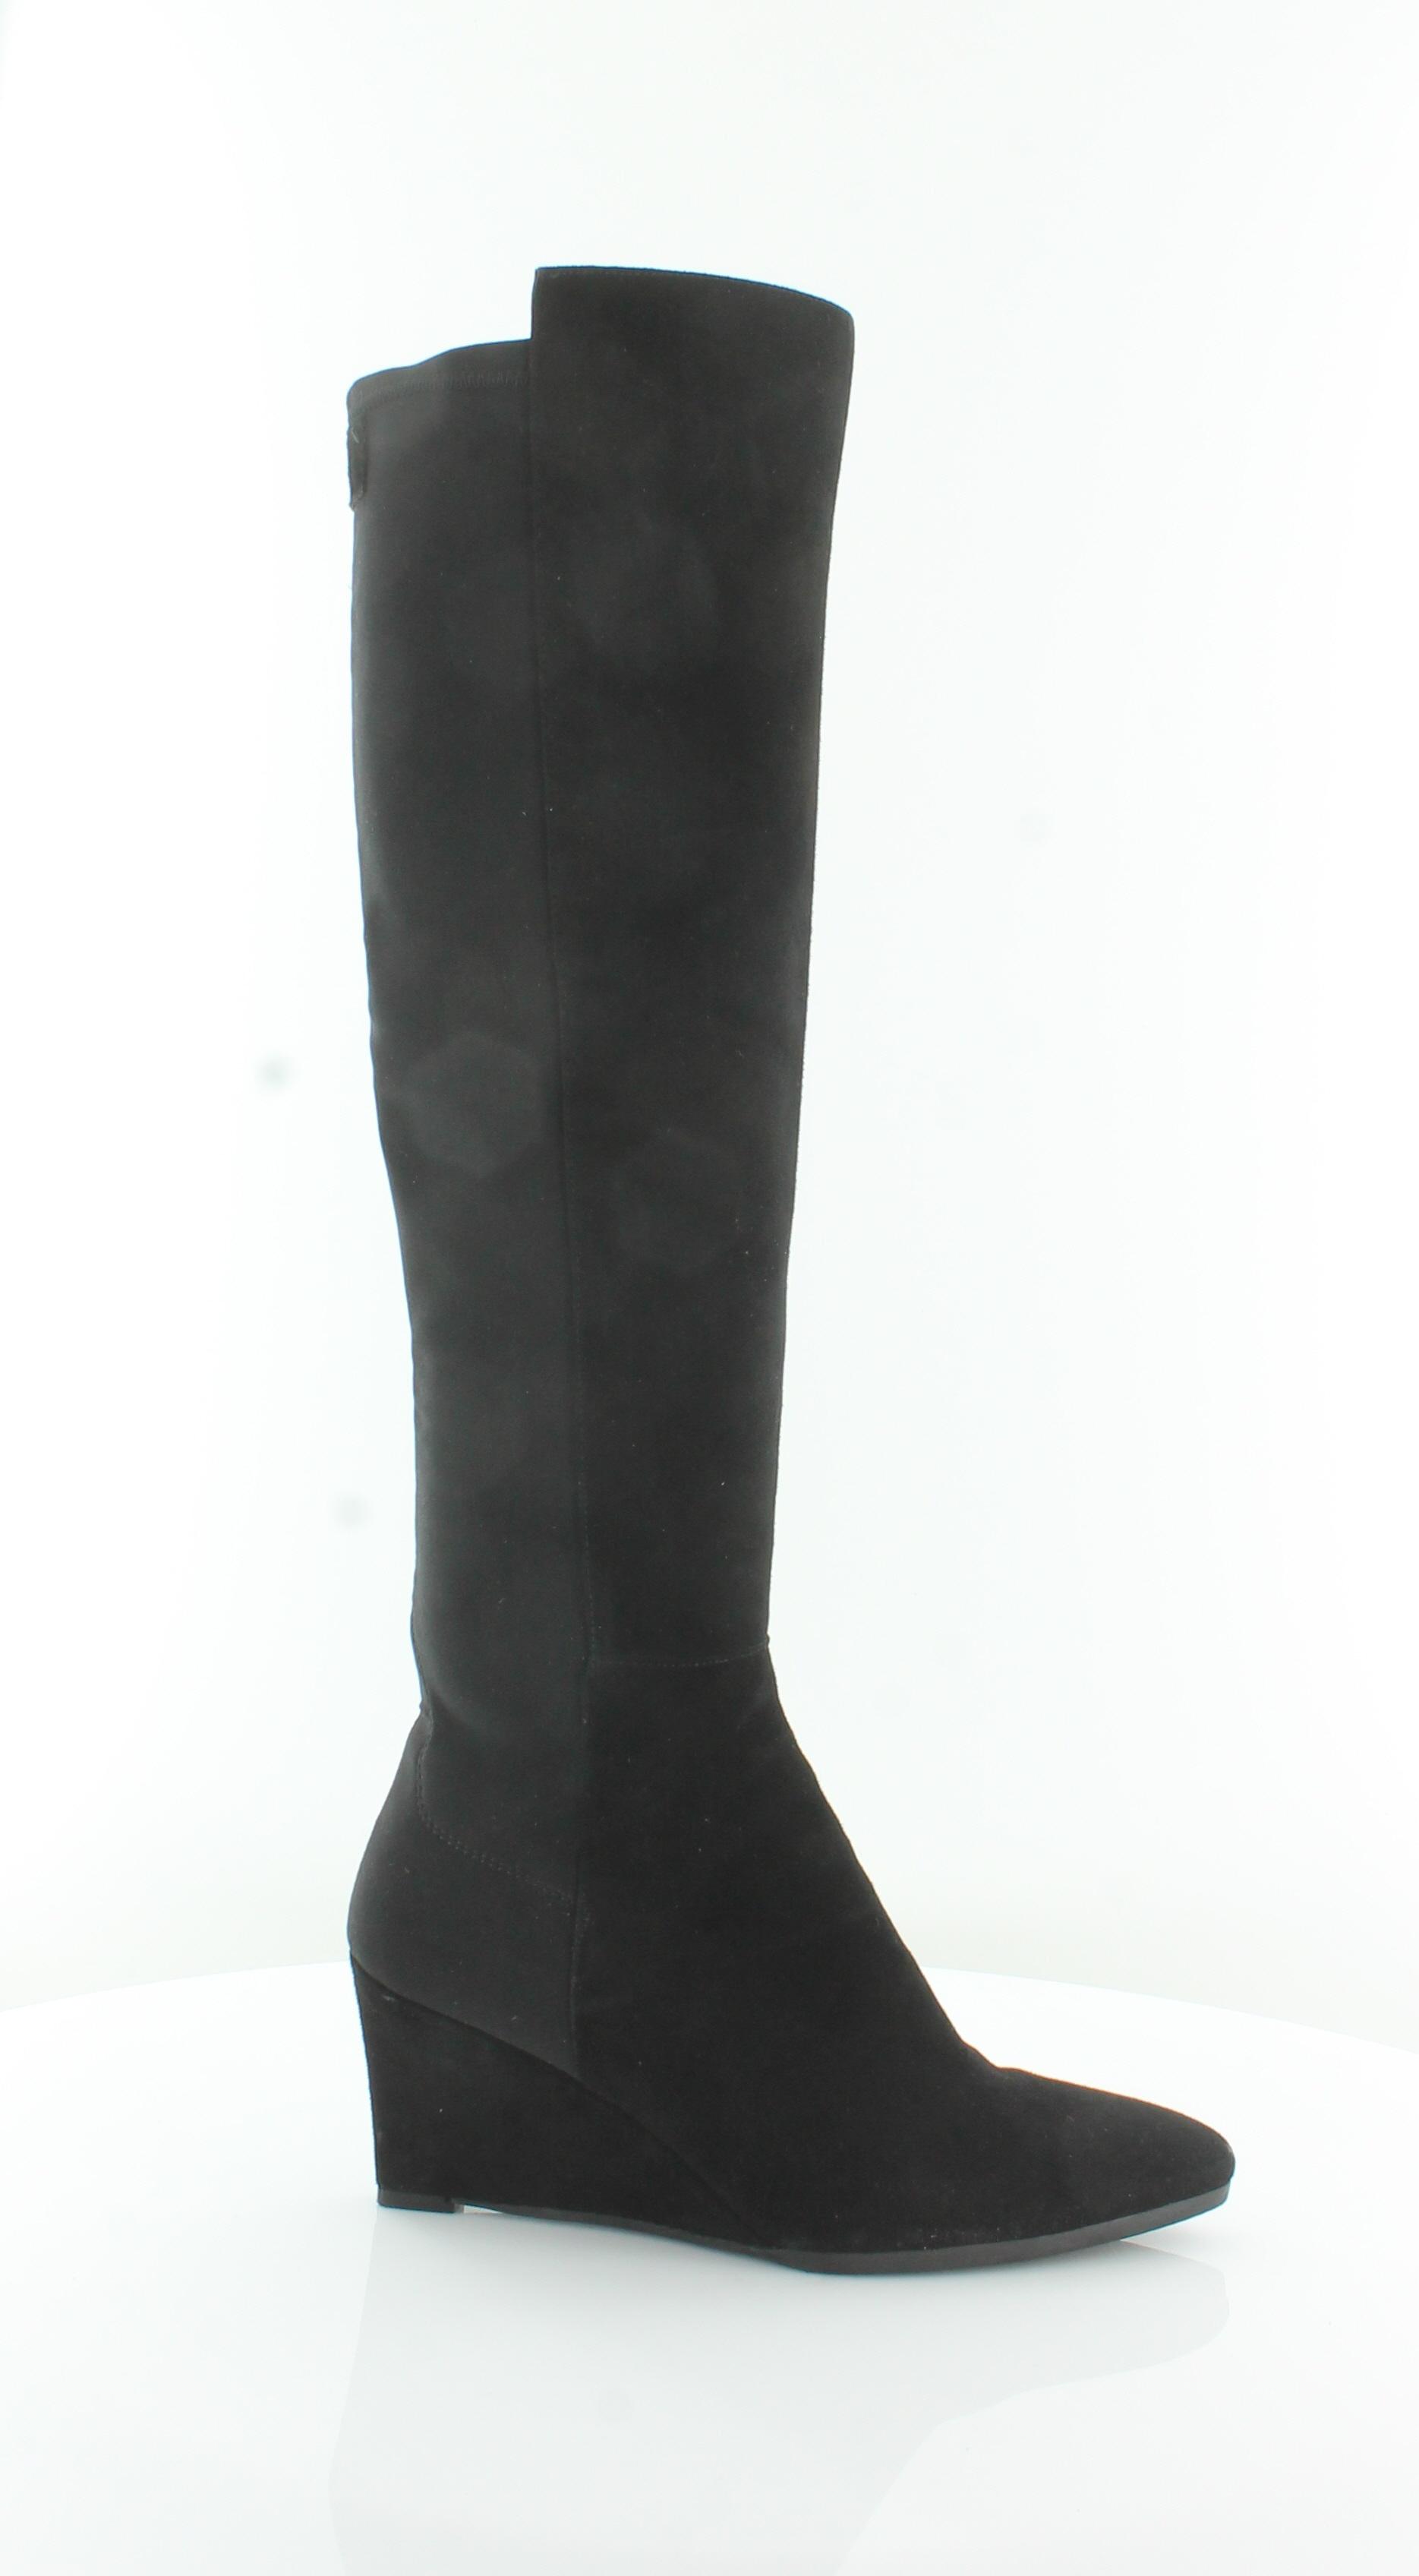 presentando tutte le ultime tendenze della moda Stuart Weitzman Demi nero donna scarpe Dimensione 6 M M M stivali MSRP  595  migliore qualità